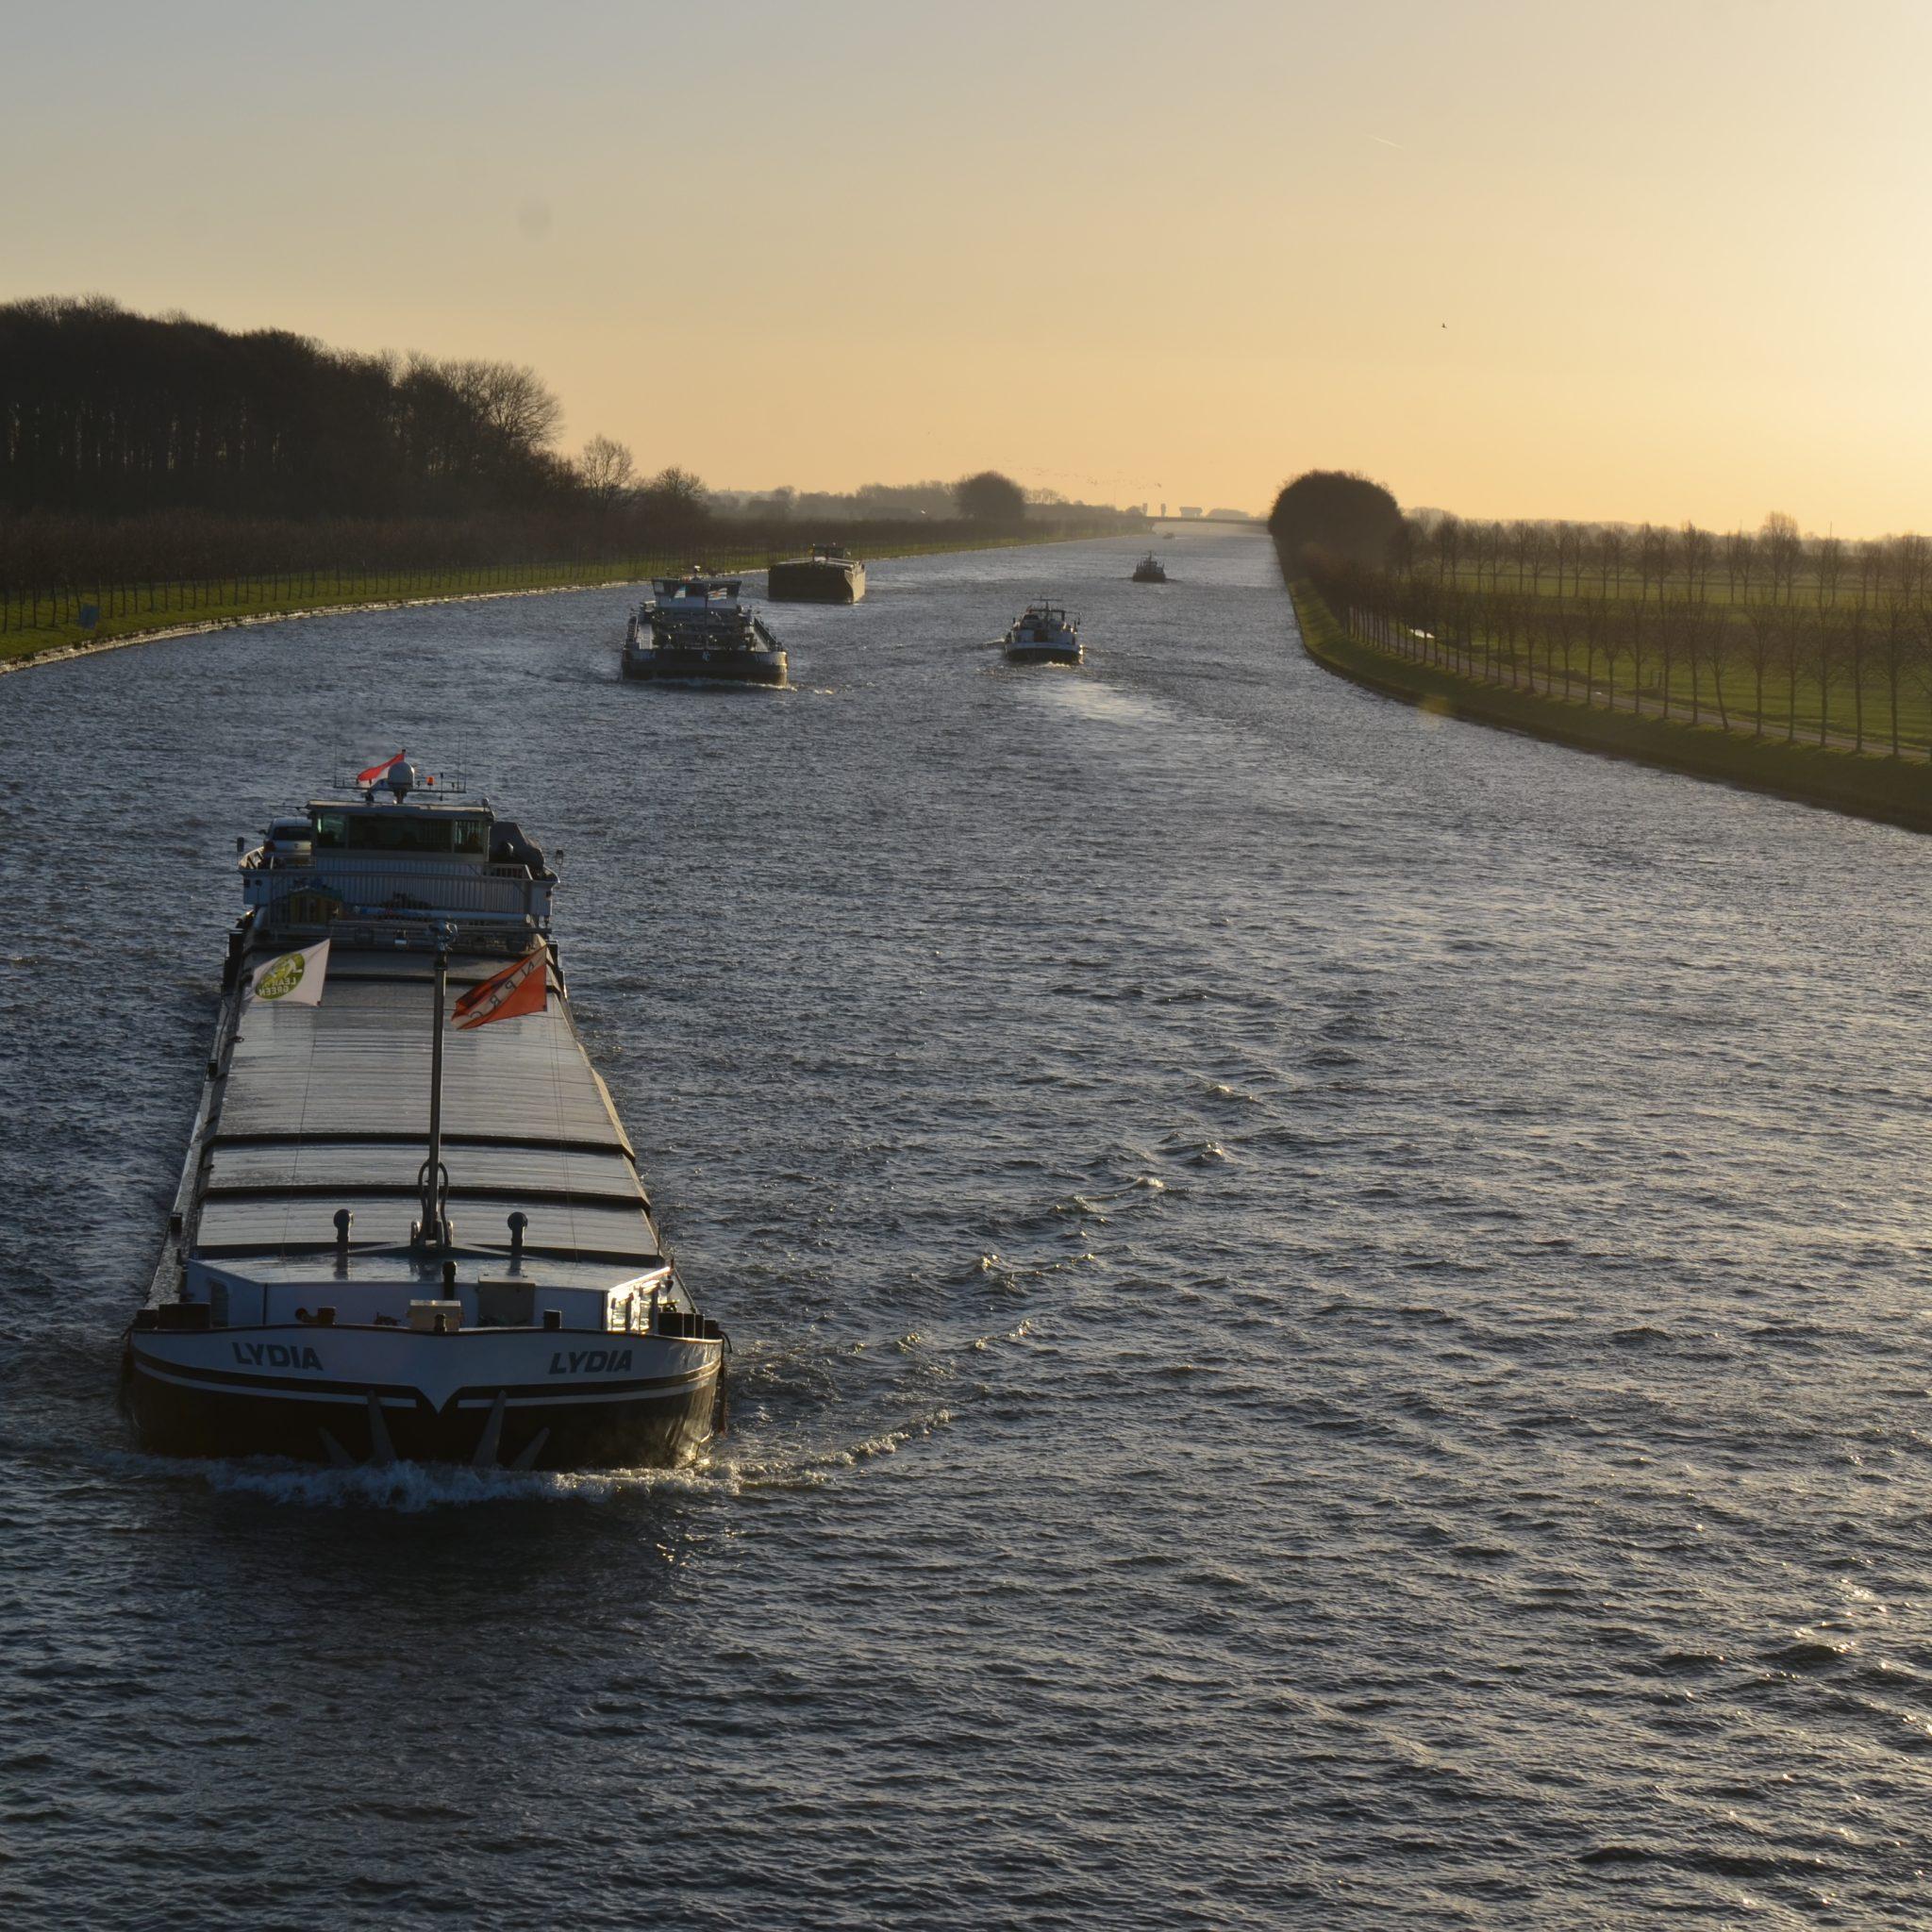 Een drukke dag op het Amsterdam-Rijnkanaal. (Foto Wikimedia/Henk Monster)